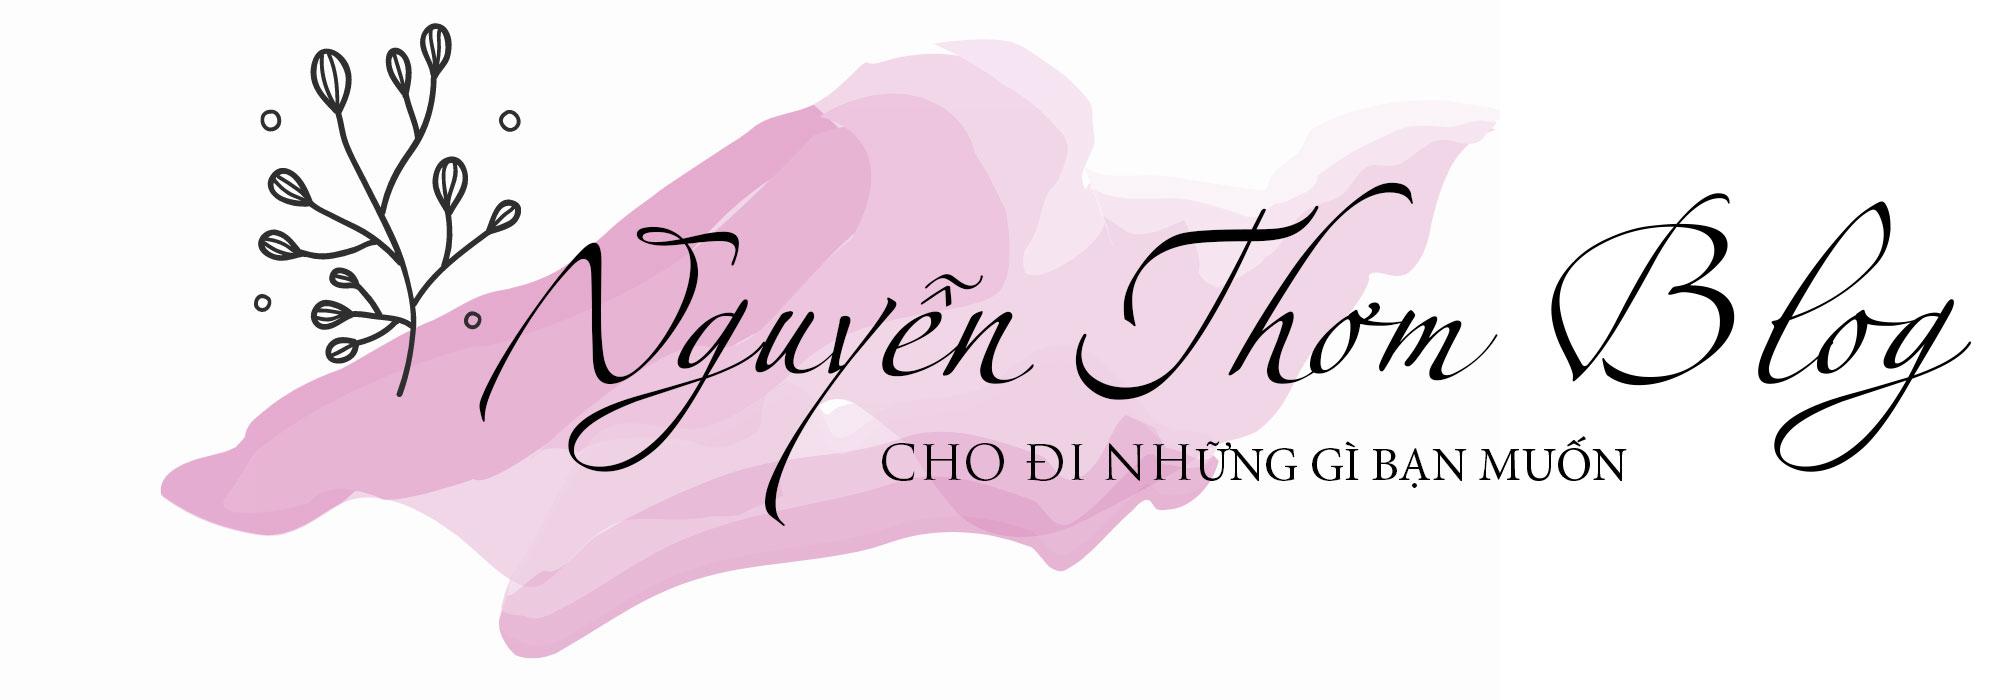 Nguyễn Thơm Blog